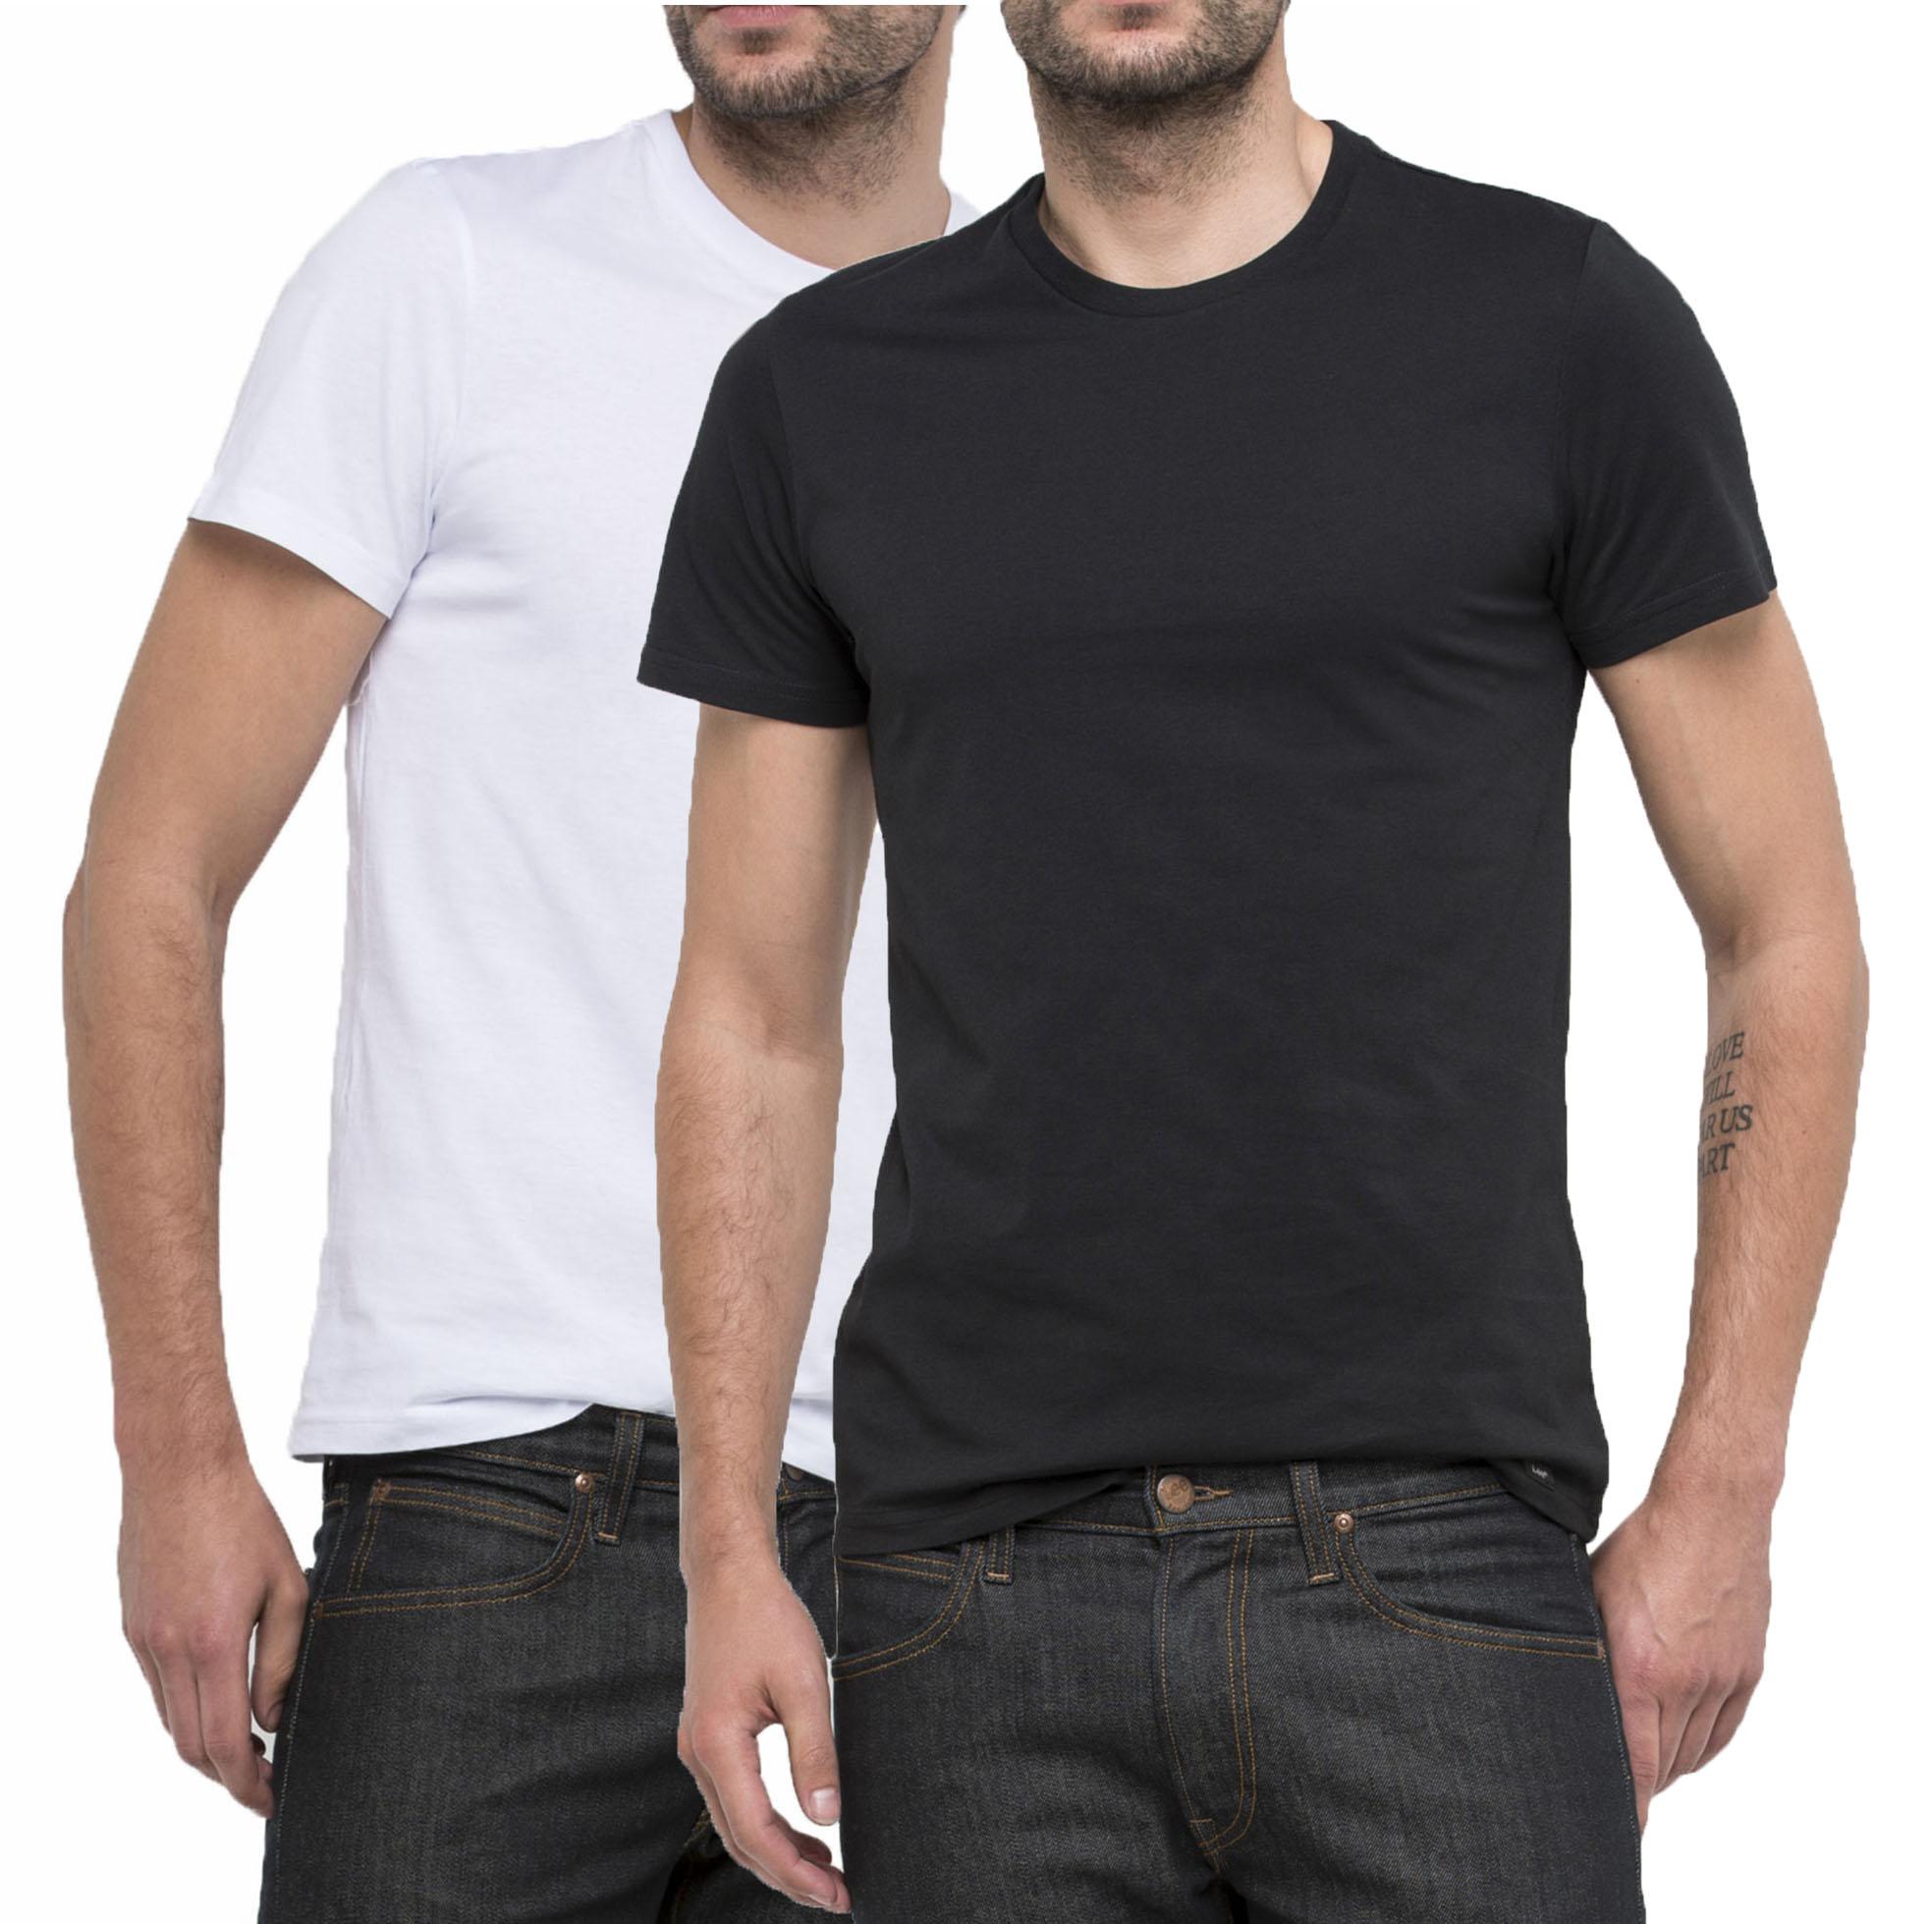 MENS LEE 2 PACK SLIM FIT PLAIN 100/% COTTON T-SHIRT BLACK